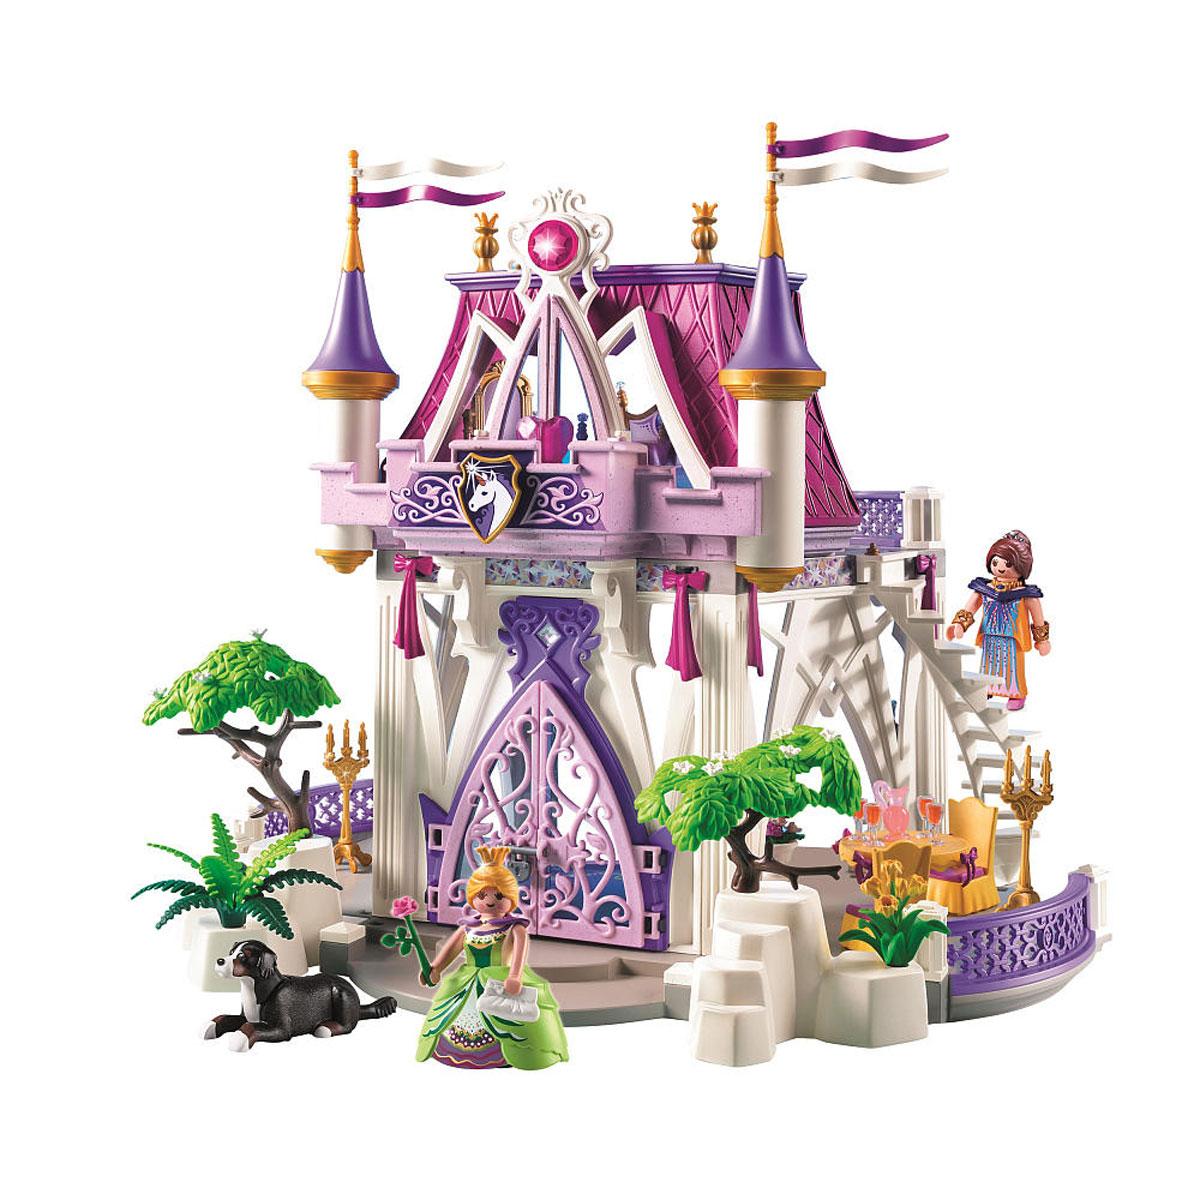 Playmobil Игровой набор Замок Единорога5474pmИгровой набор Playmobil Замок Единорога понравится вашей дочурке и позволит ей окунуться в сказочный мир волшебства. В комплект входят: 2 фигурки человечков, фигурка собаки, дворец, сменные наряды для фигурок, а также множество разнообразных аксессуаров и элементов декора, которые сделают игру еще интереснее. Элементы набора выполнены из прочного пластика ярких цветов. Руки и головы фигурок подвижны, а благодаря специальной форме ручек, они могут держать различные небольшие предметы, входящие в набор. Сказочный уголок с двумя комнатами и террасами. Стены замка украшают драгоценности, цветы и необычные узоры. Двери в замке можно открывать. Красивая лестница на второй этаж открывает вид на спальню с королевской кроватью, зеркалом и двумя золотыми подсвечниками. В Замке живут королева и принцесса, а также их верный пес. Принцесса обожает любоваться видом, открывающимся со своей чудесной башенки, гуляет с верным другом в сопровождении райских птах. Игры с...